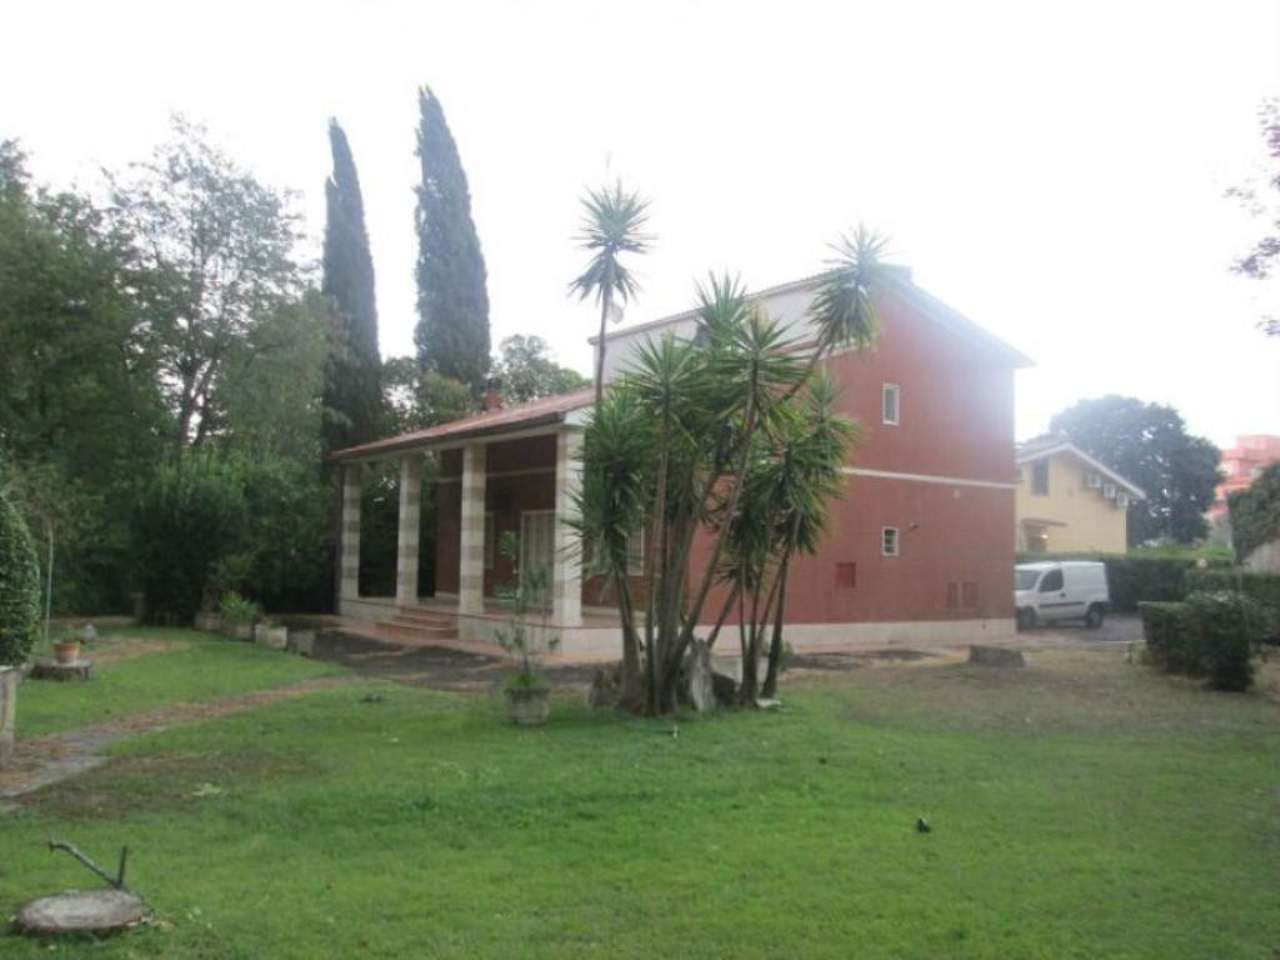 Soluzione Indipendente in vendita a Roma, 9999 locali, zona Zona: 42 . Cassia - Olgiata, prezzo € 450.000 | CambioCasa.it